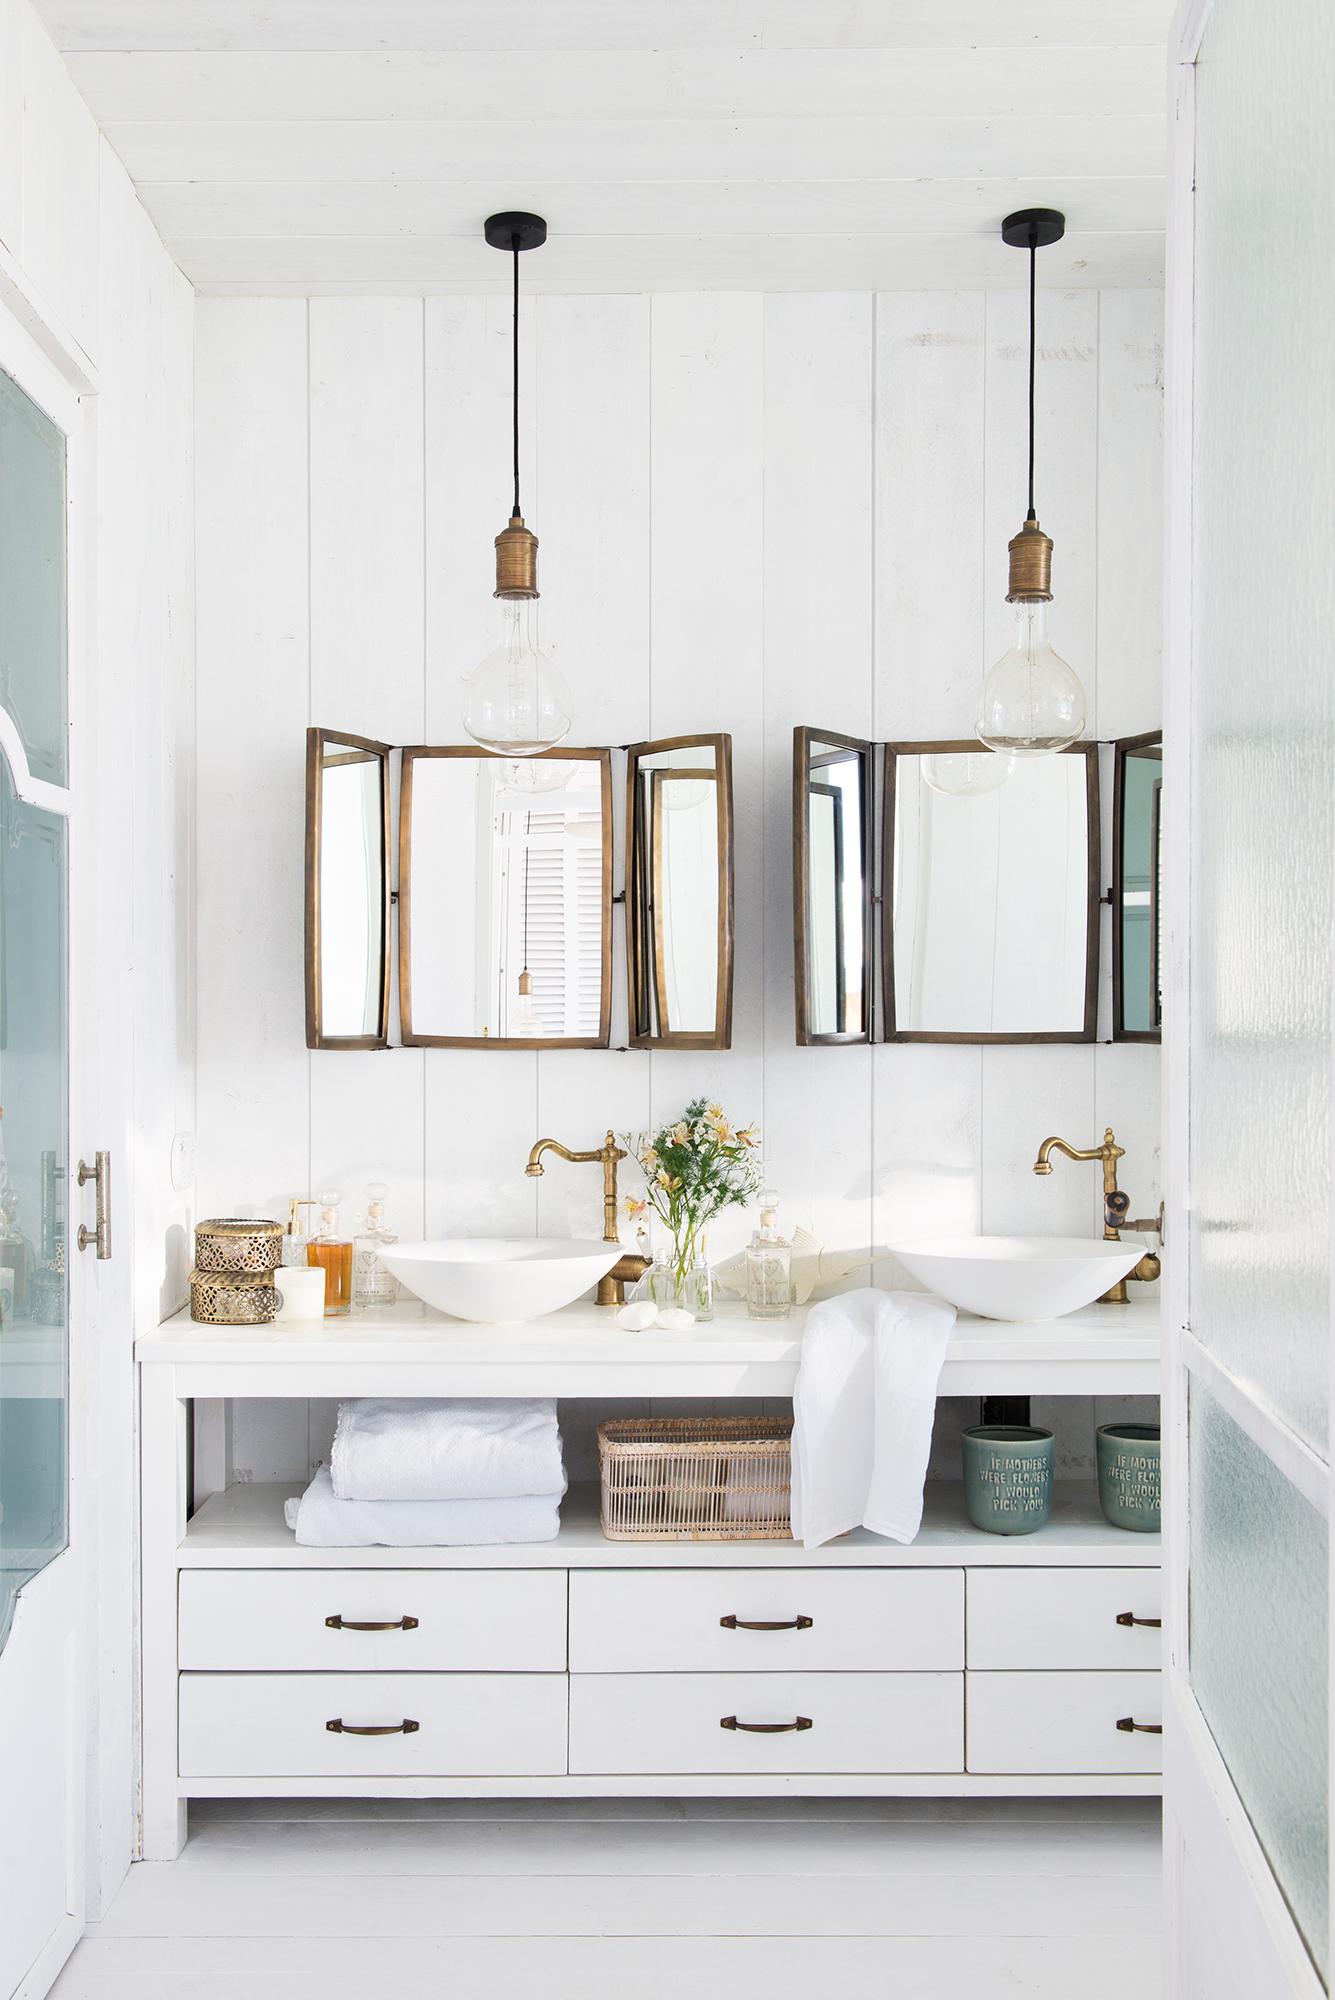 Espejos de baño: 15 diseños de todos los estilos